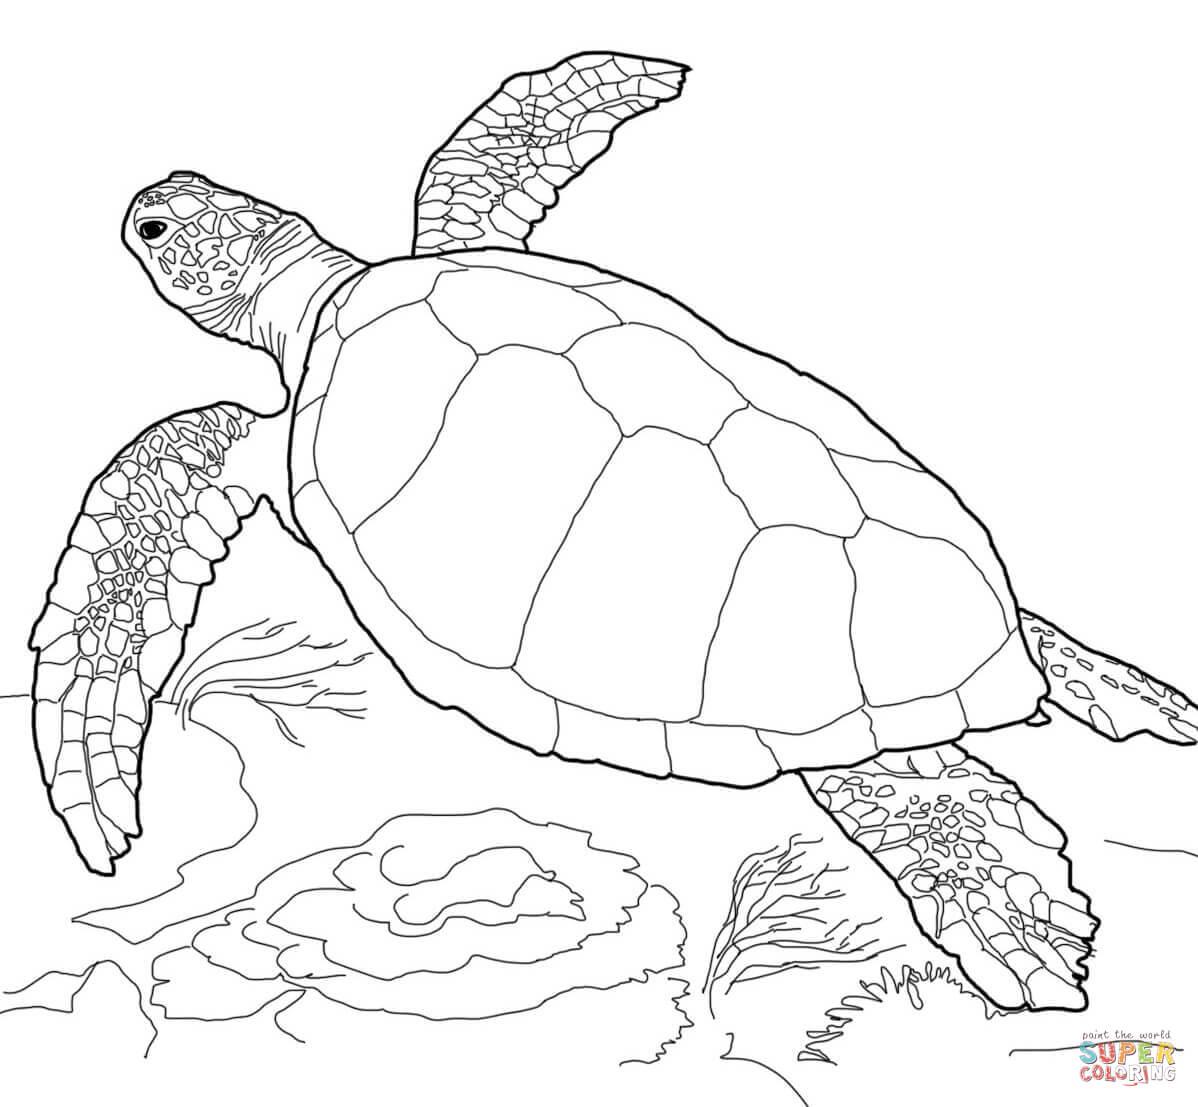 Malvorlage Schildkröte - kinderbilderdownload